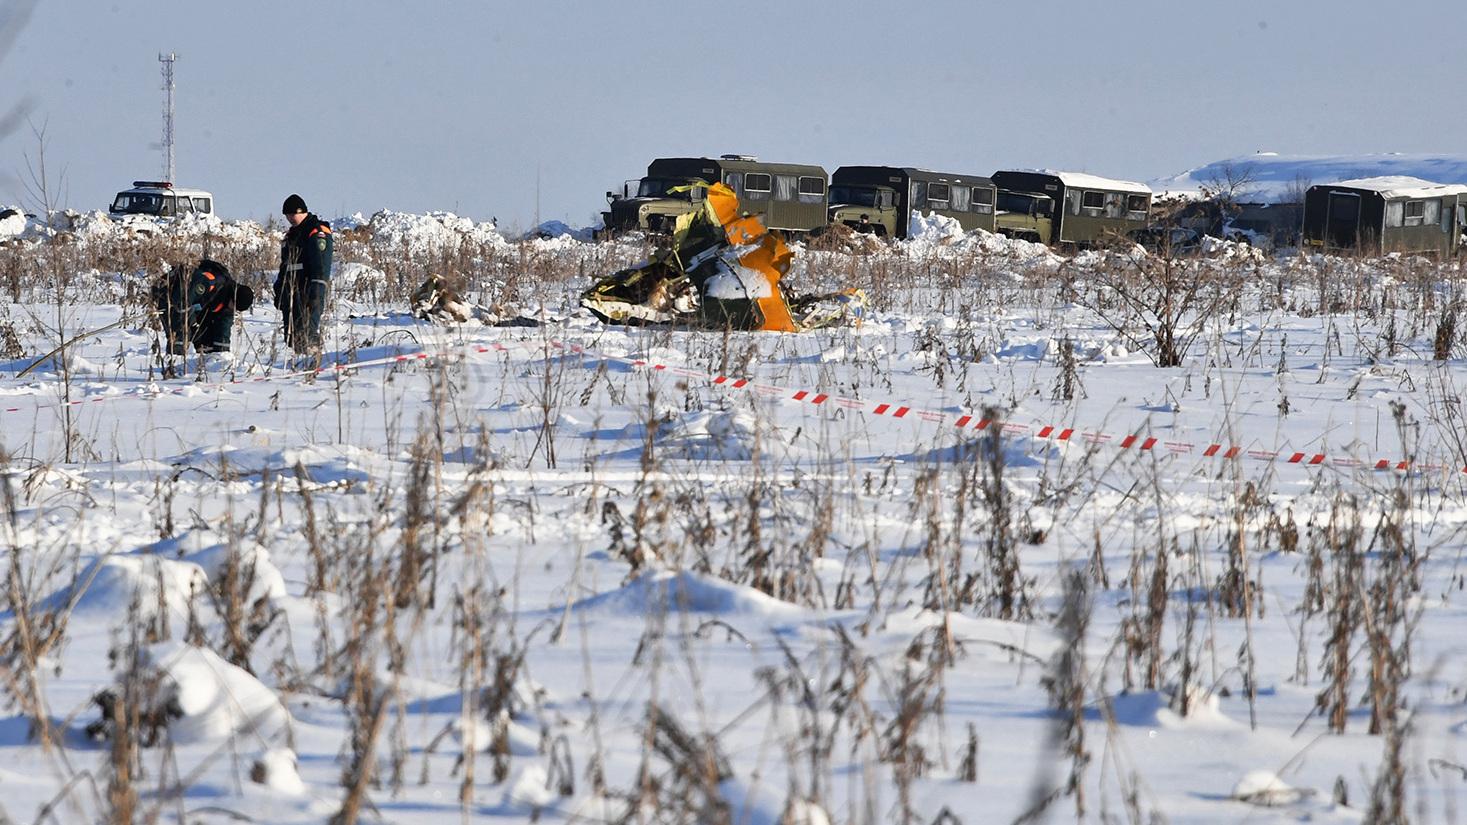 МАК расшифровал данные с речевого самописца Ан-148. Что произошло в кабине пилотов перед крушением